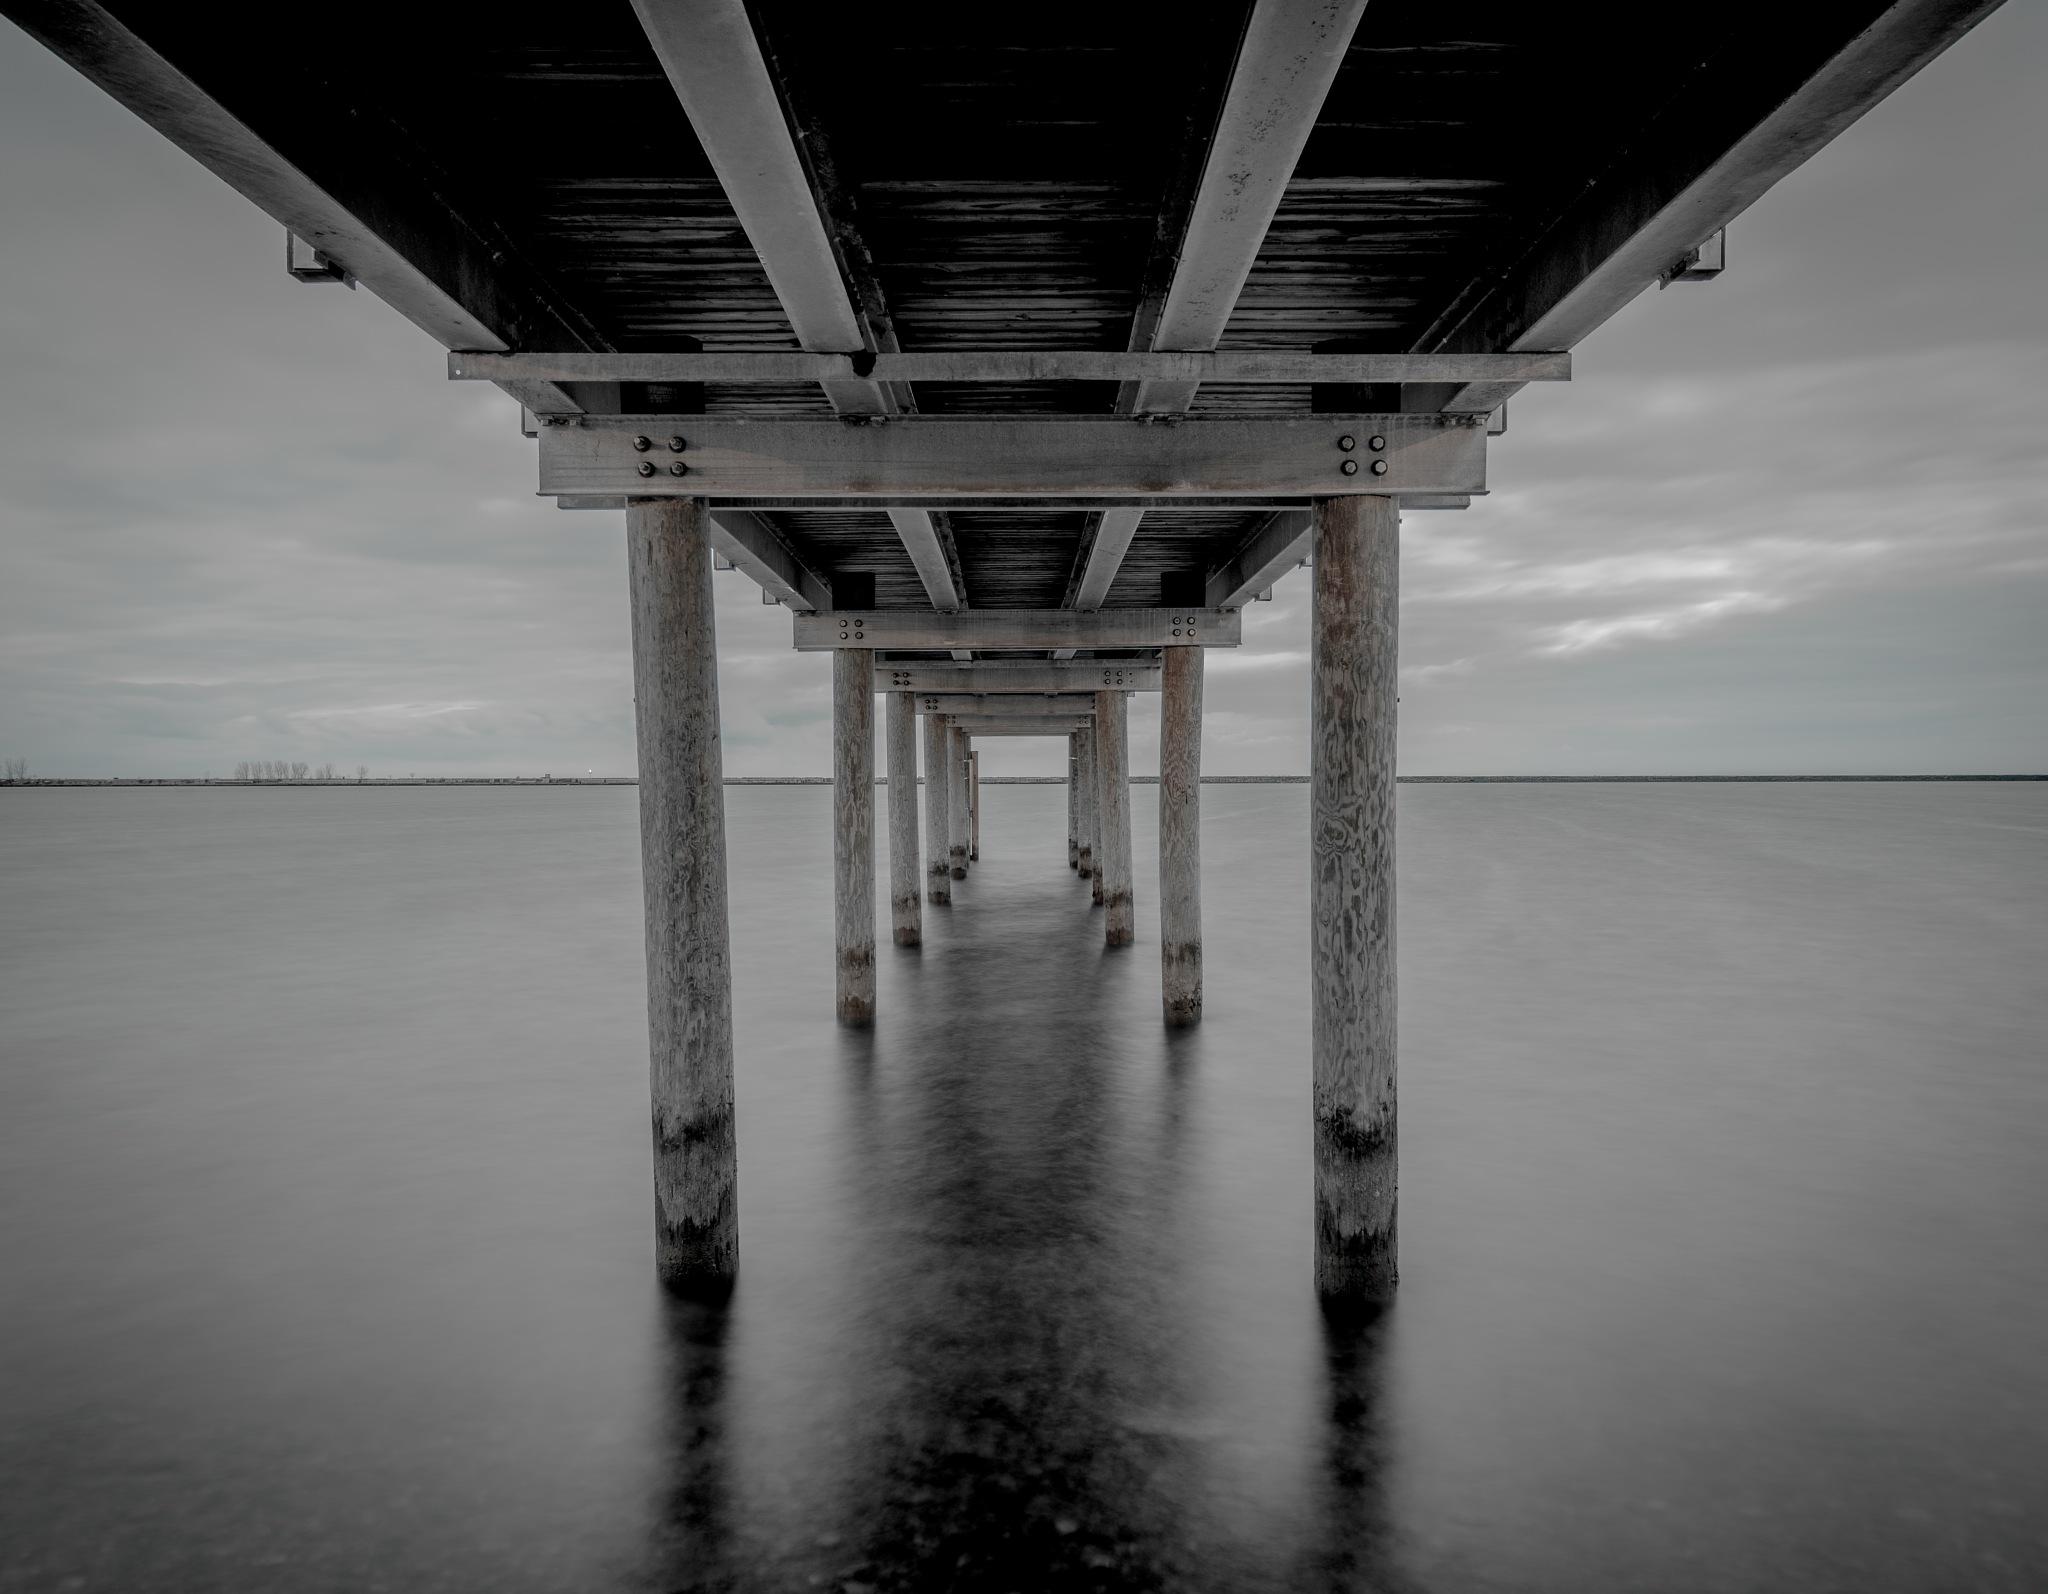 Water under the Bridge by joel9498